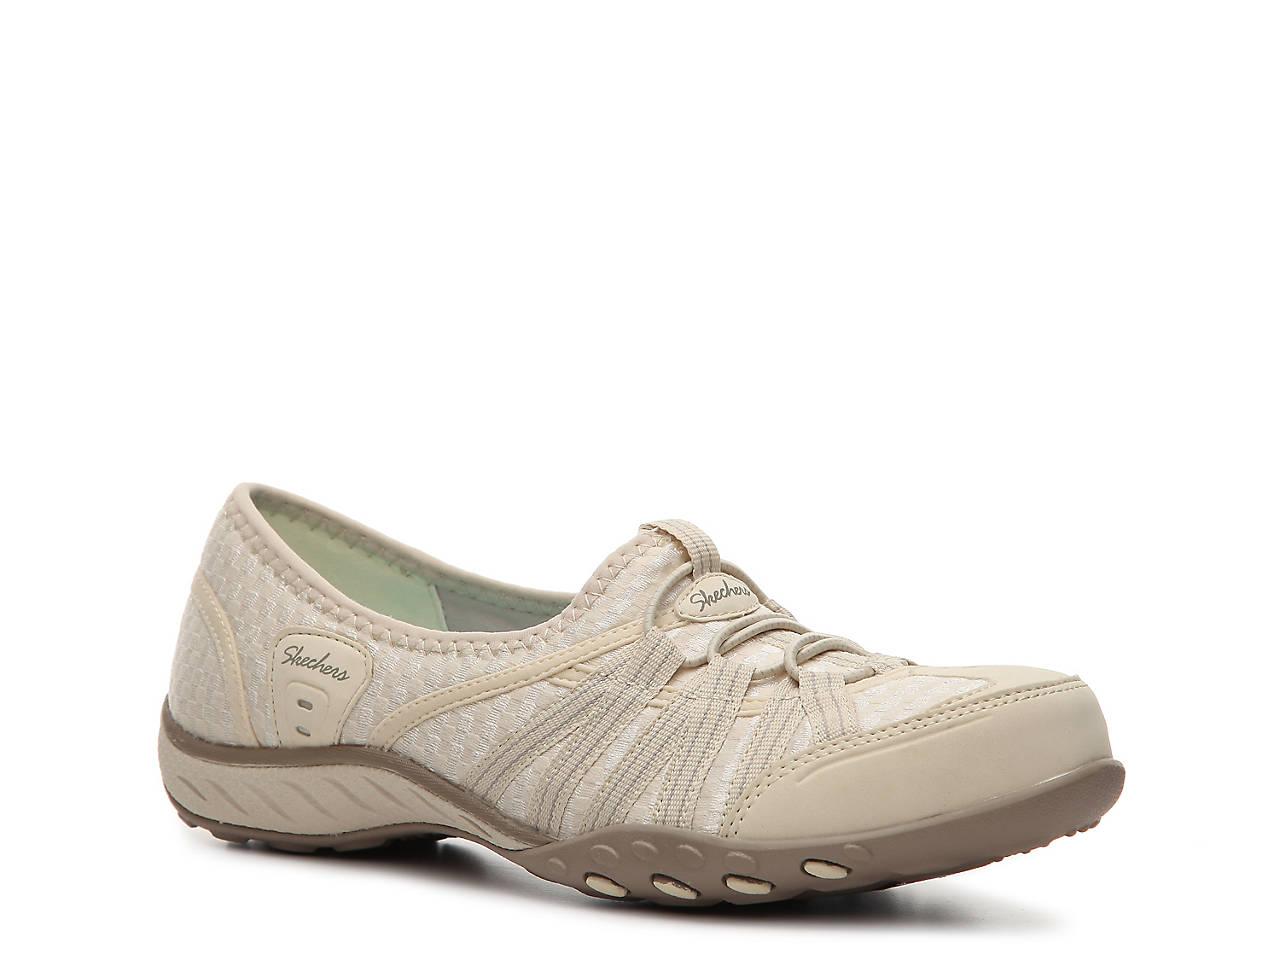 f07a4941649d Skechers Relaxed Fit Breathe Easy Dimension Slip-On Sneaker Women s ...